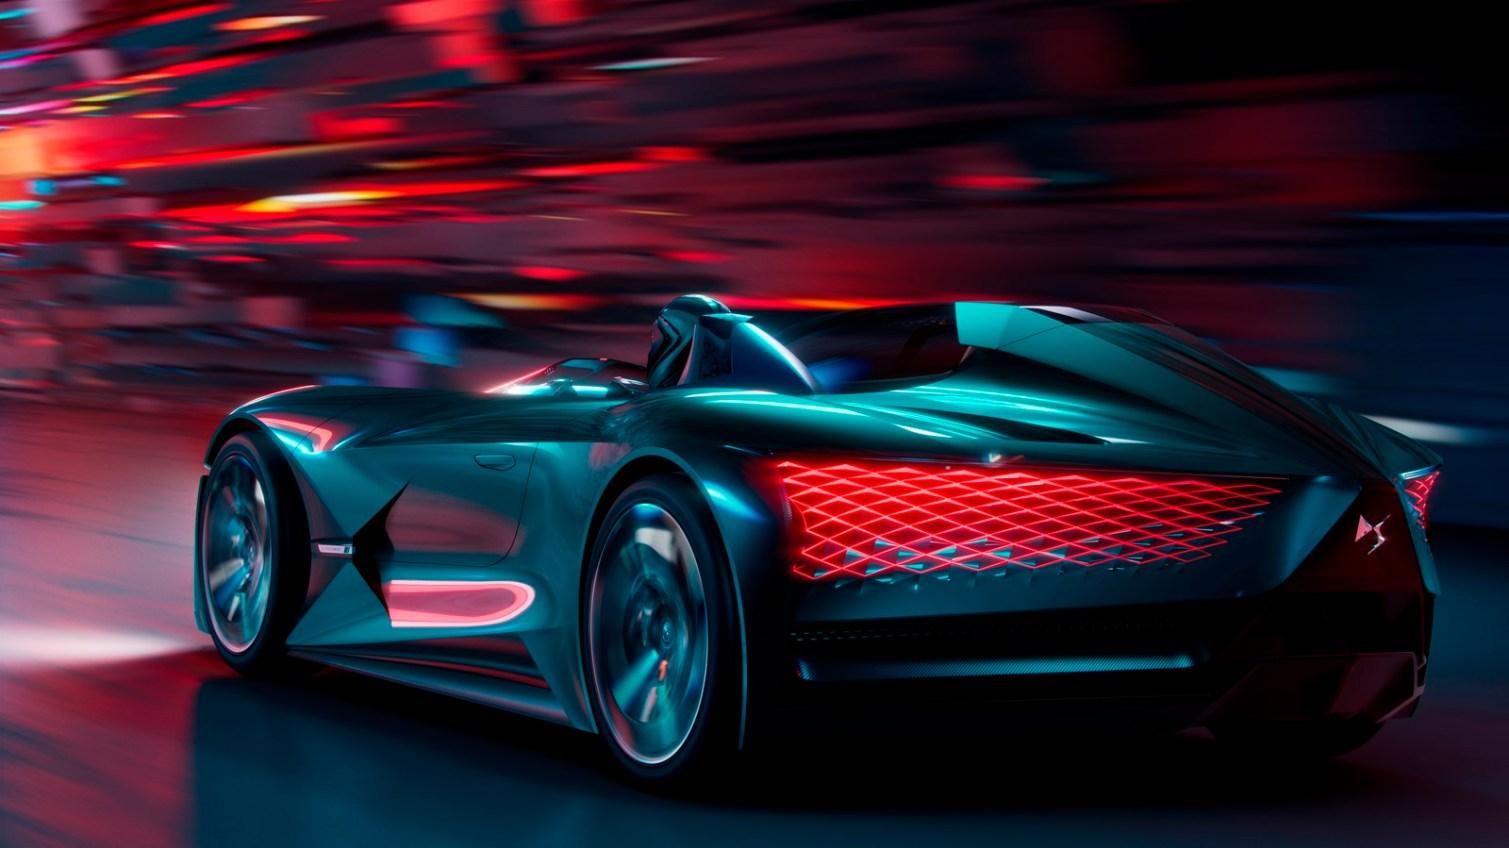 2018 - [DS Automobiles] Concept  - Page 9 DS-X-E-Tense-2018-Concept-003.jpg?zoom=1